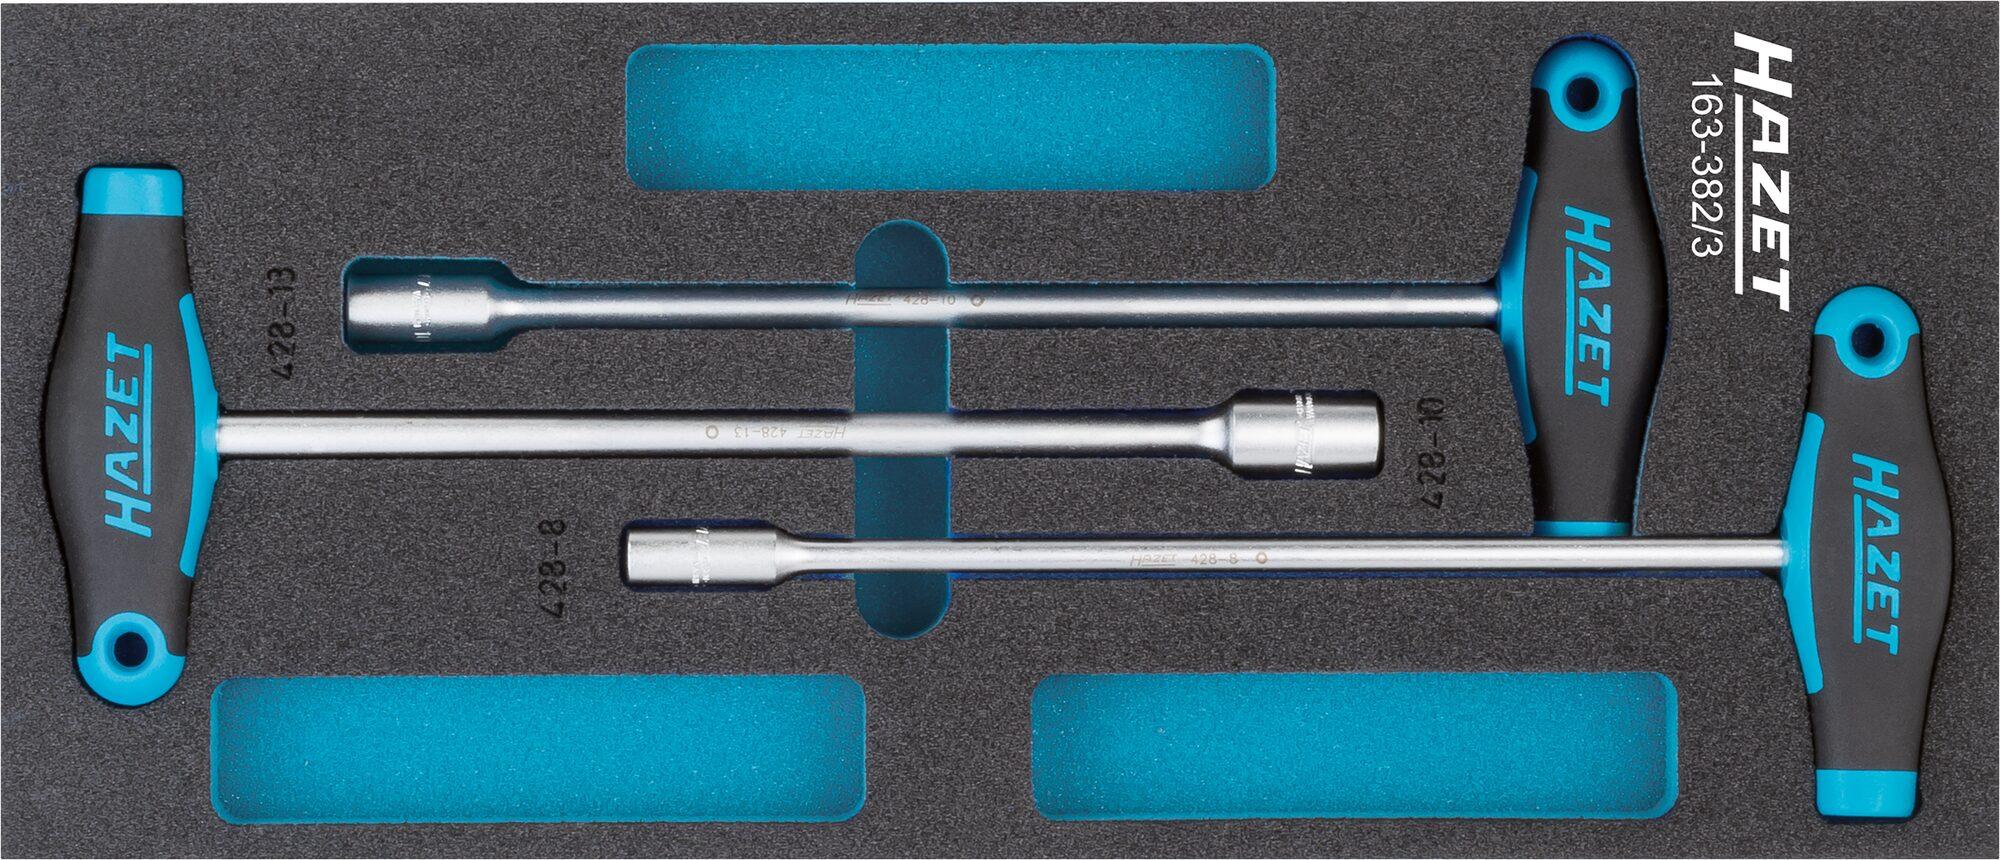 HAZET Steckschlüssel Satz ∙ mit T-Griff 163-382/3 ∙ Außen-Sechskant Profil ∙ 8–13 ∙ Anzahl Werkzeuge: 3